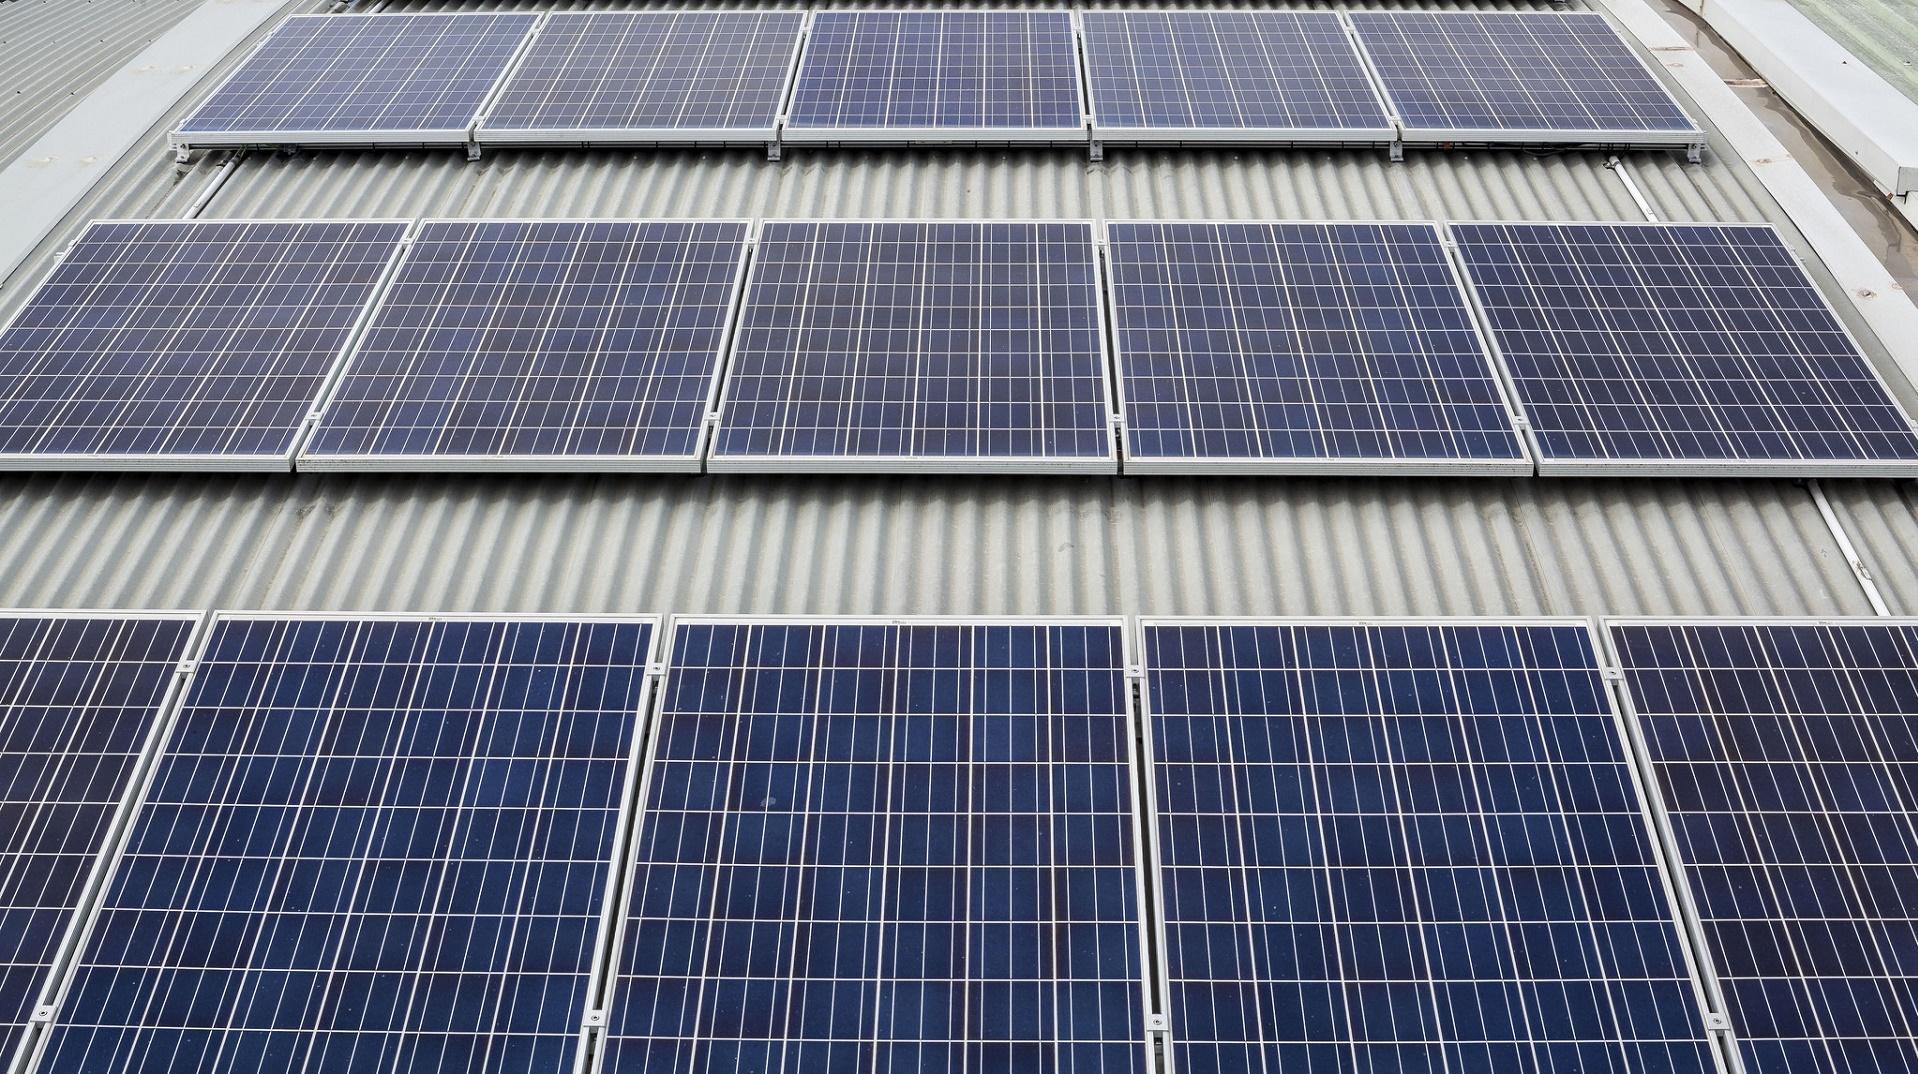 Paneles solares flexibles para incrementar la autonomía de los drones